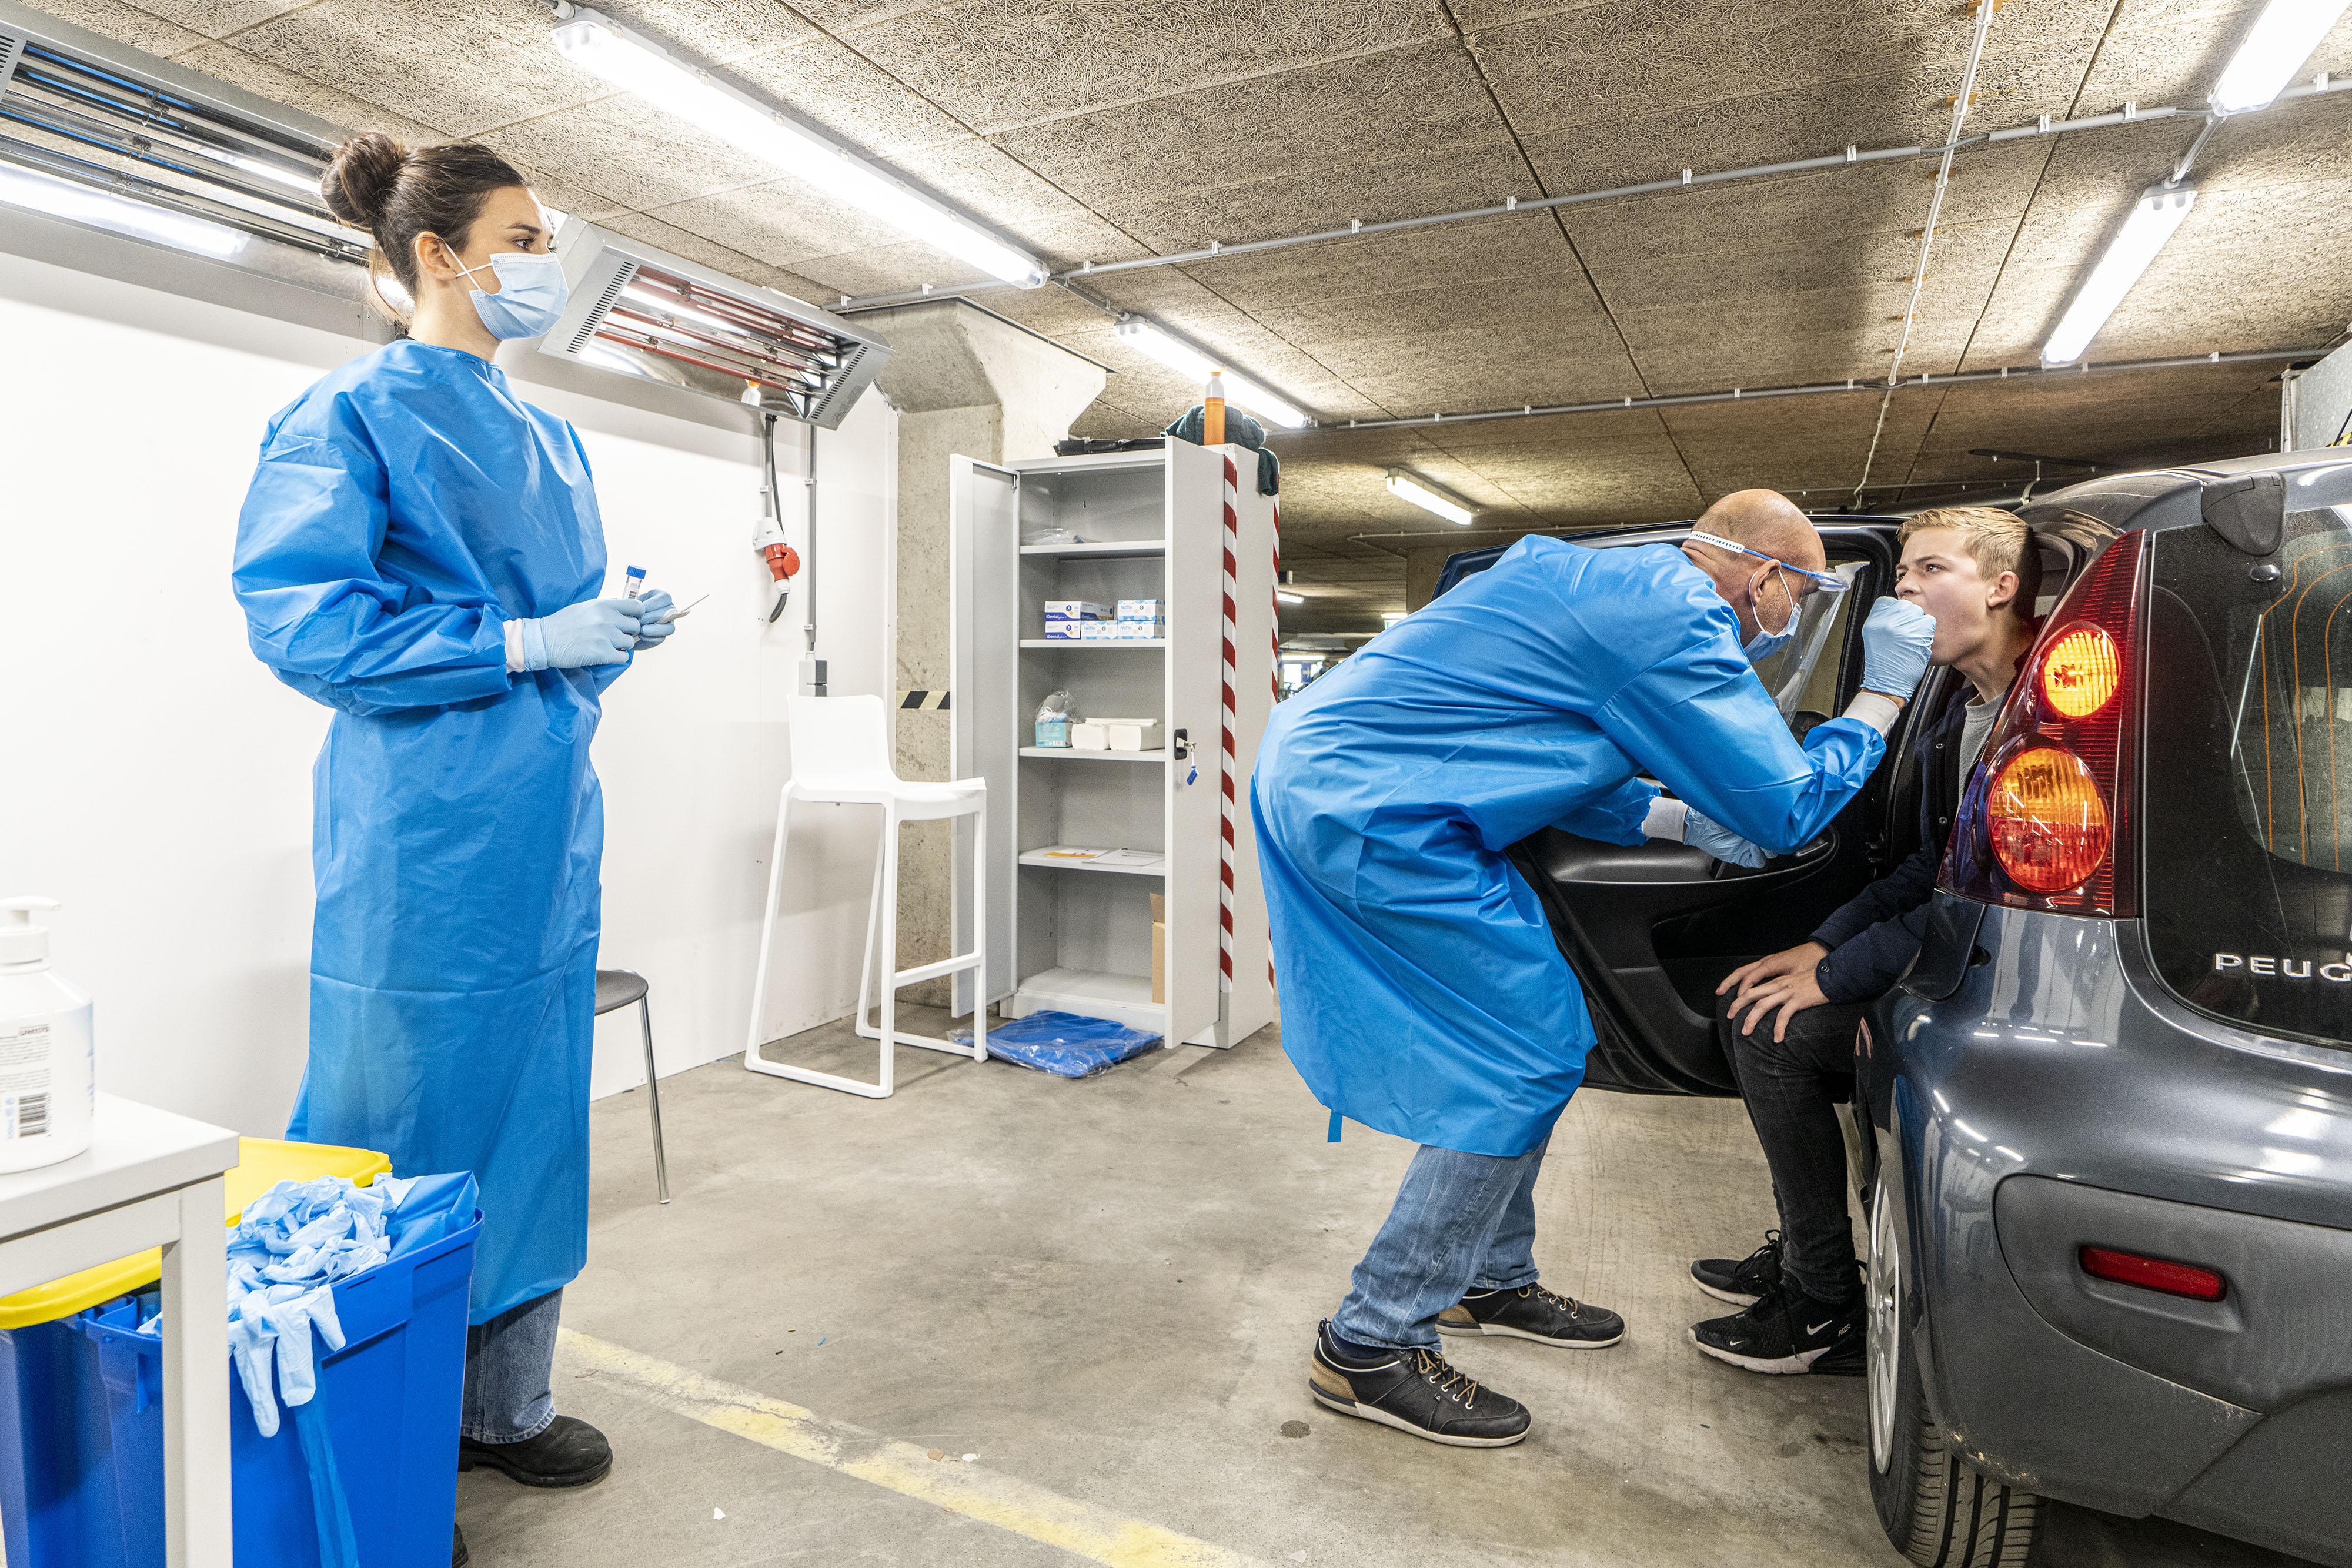 Coronacijfers week 50: Ruim 60 procent meer besmettingen in één week in Hollands Midden, verdubbeling in Oegstgeest, Voorschoten, Zoeterwoude, Kaag en Braassem, Alphen aan den Rijn en Teylingen